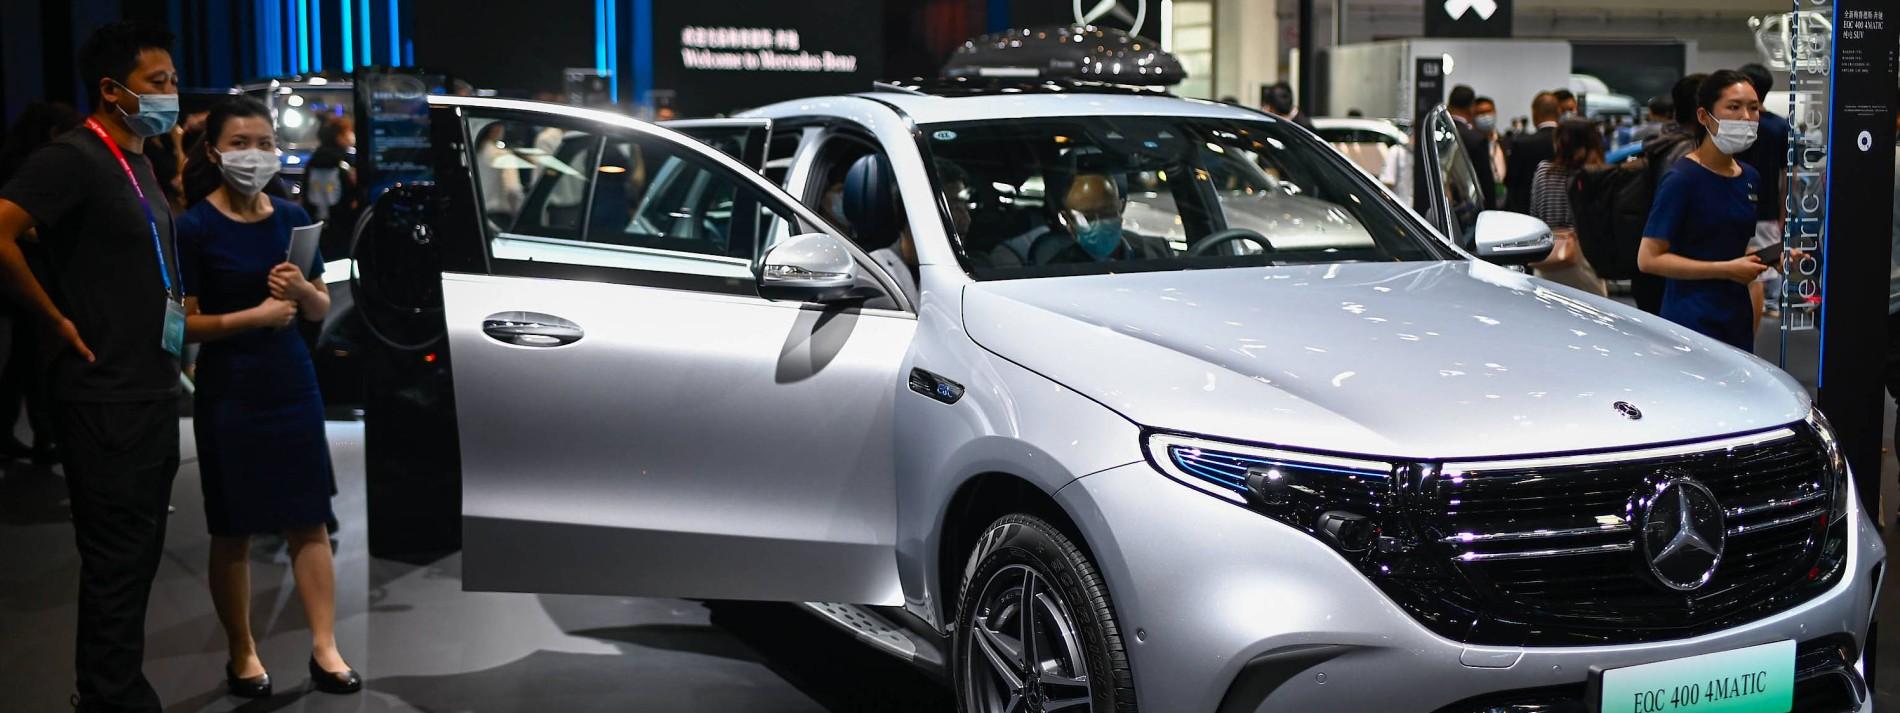 Mercedes schafft die Emissionsziele der EU